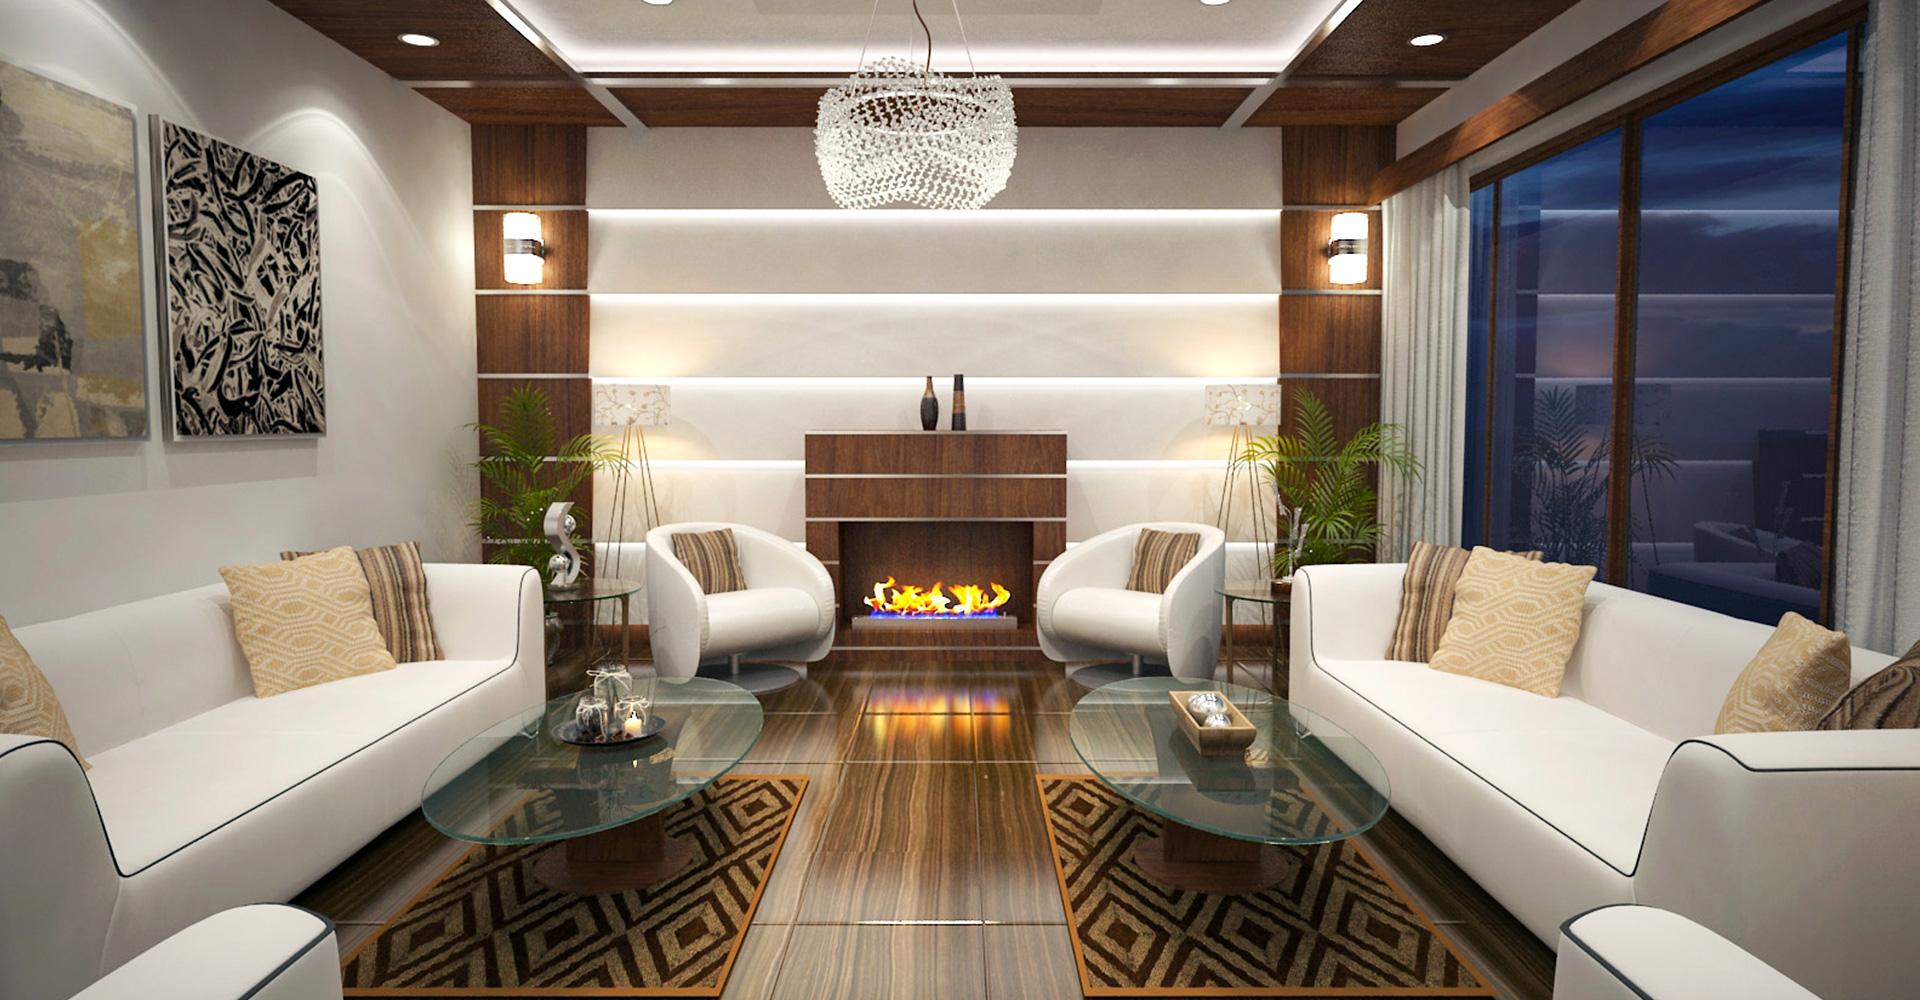 Residential-Interior-Design-Hiline-Lahore-portfolio-65J-DHA-EME-05 (55)